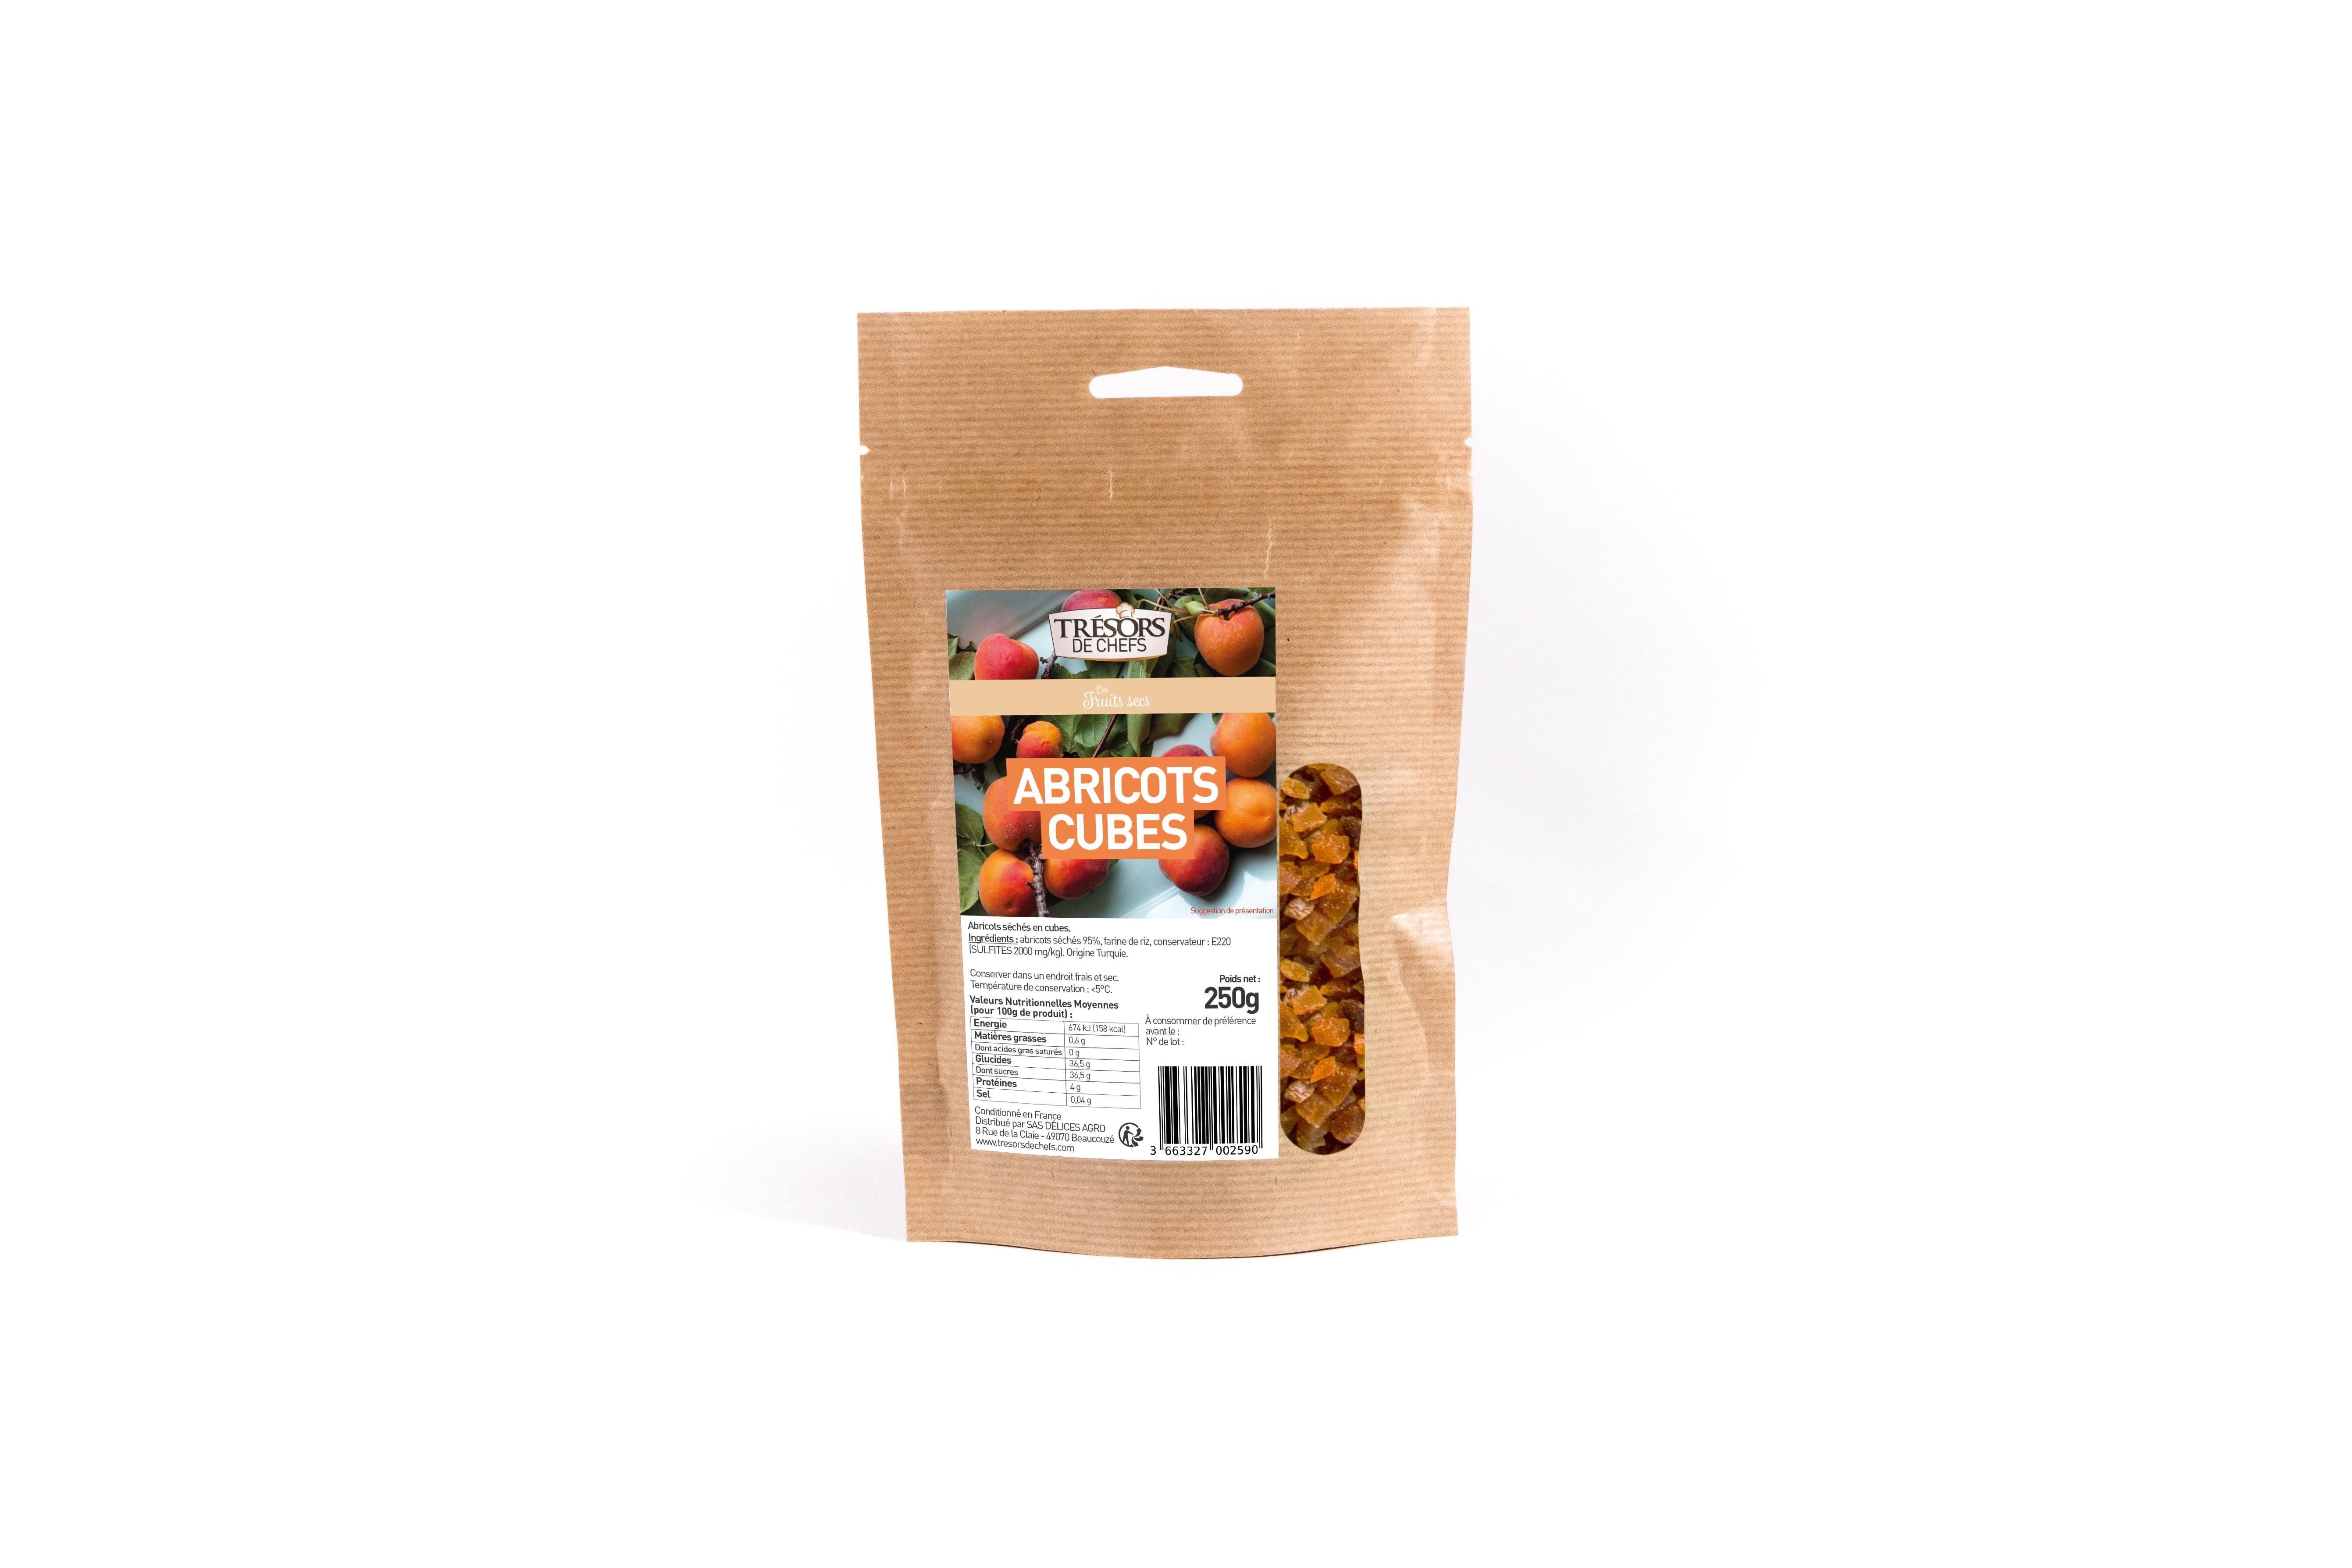 Abricots cubes 5-5mms - 250g